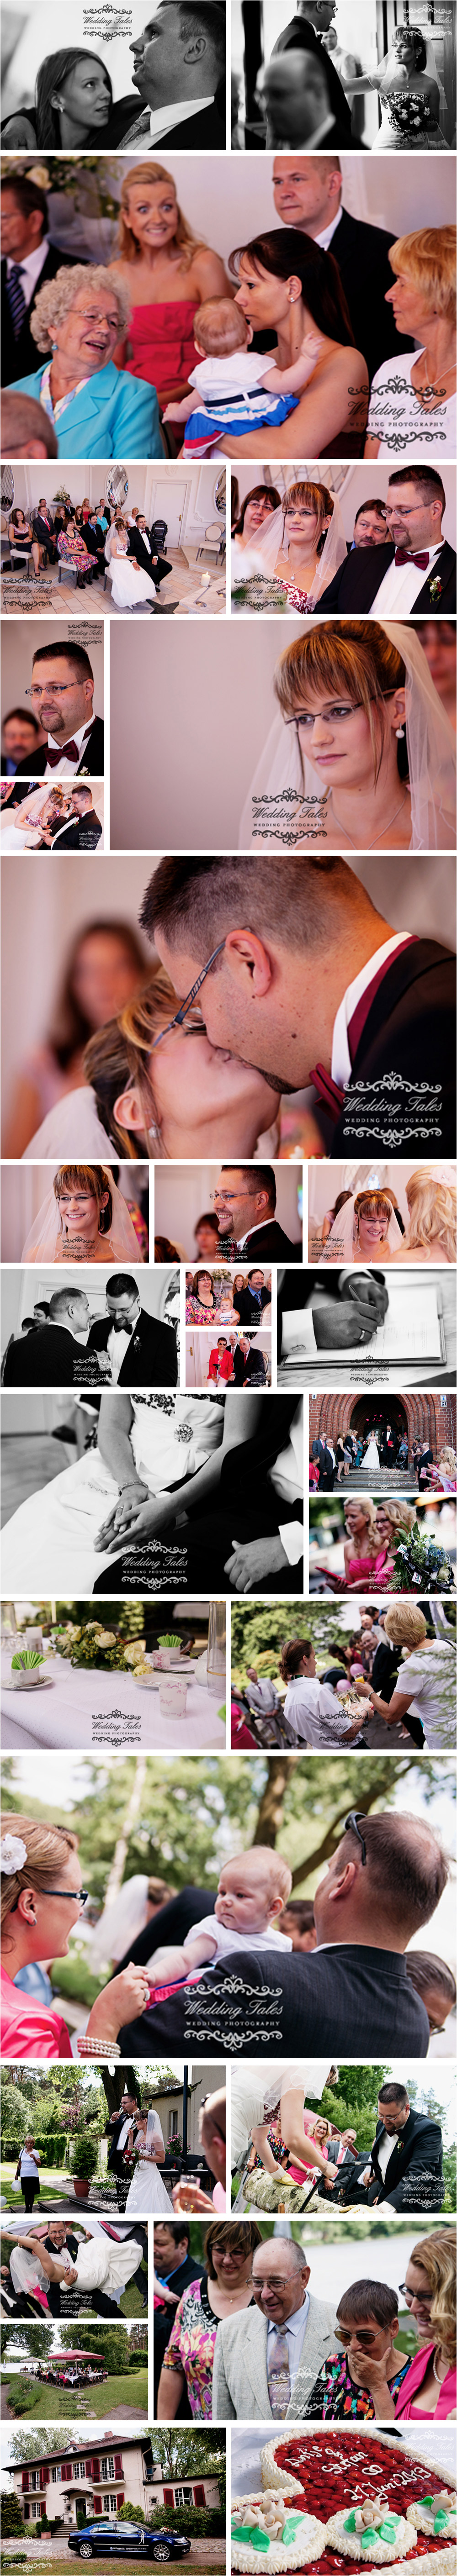 Hochzeitsfotograf Berlin, Hochzeitsreportage Berlin, Hochzeitsfotos